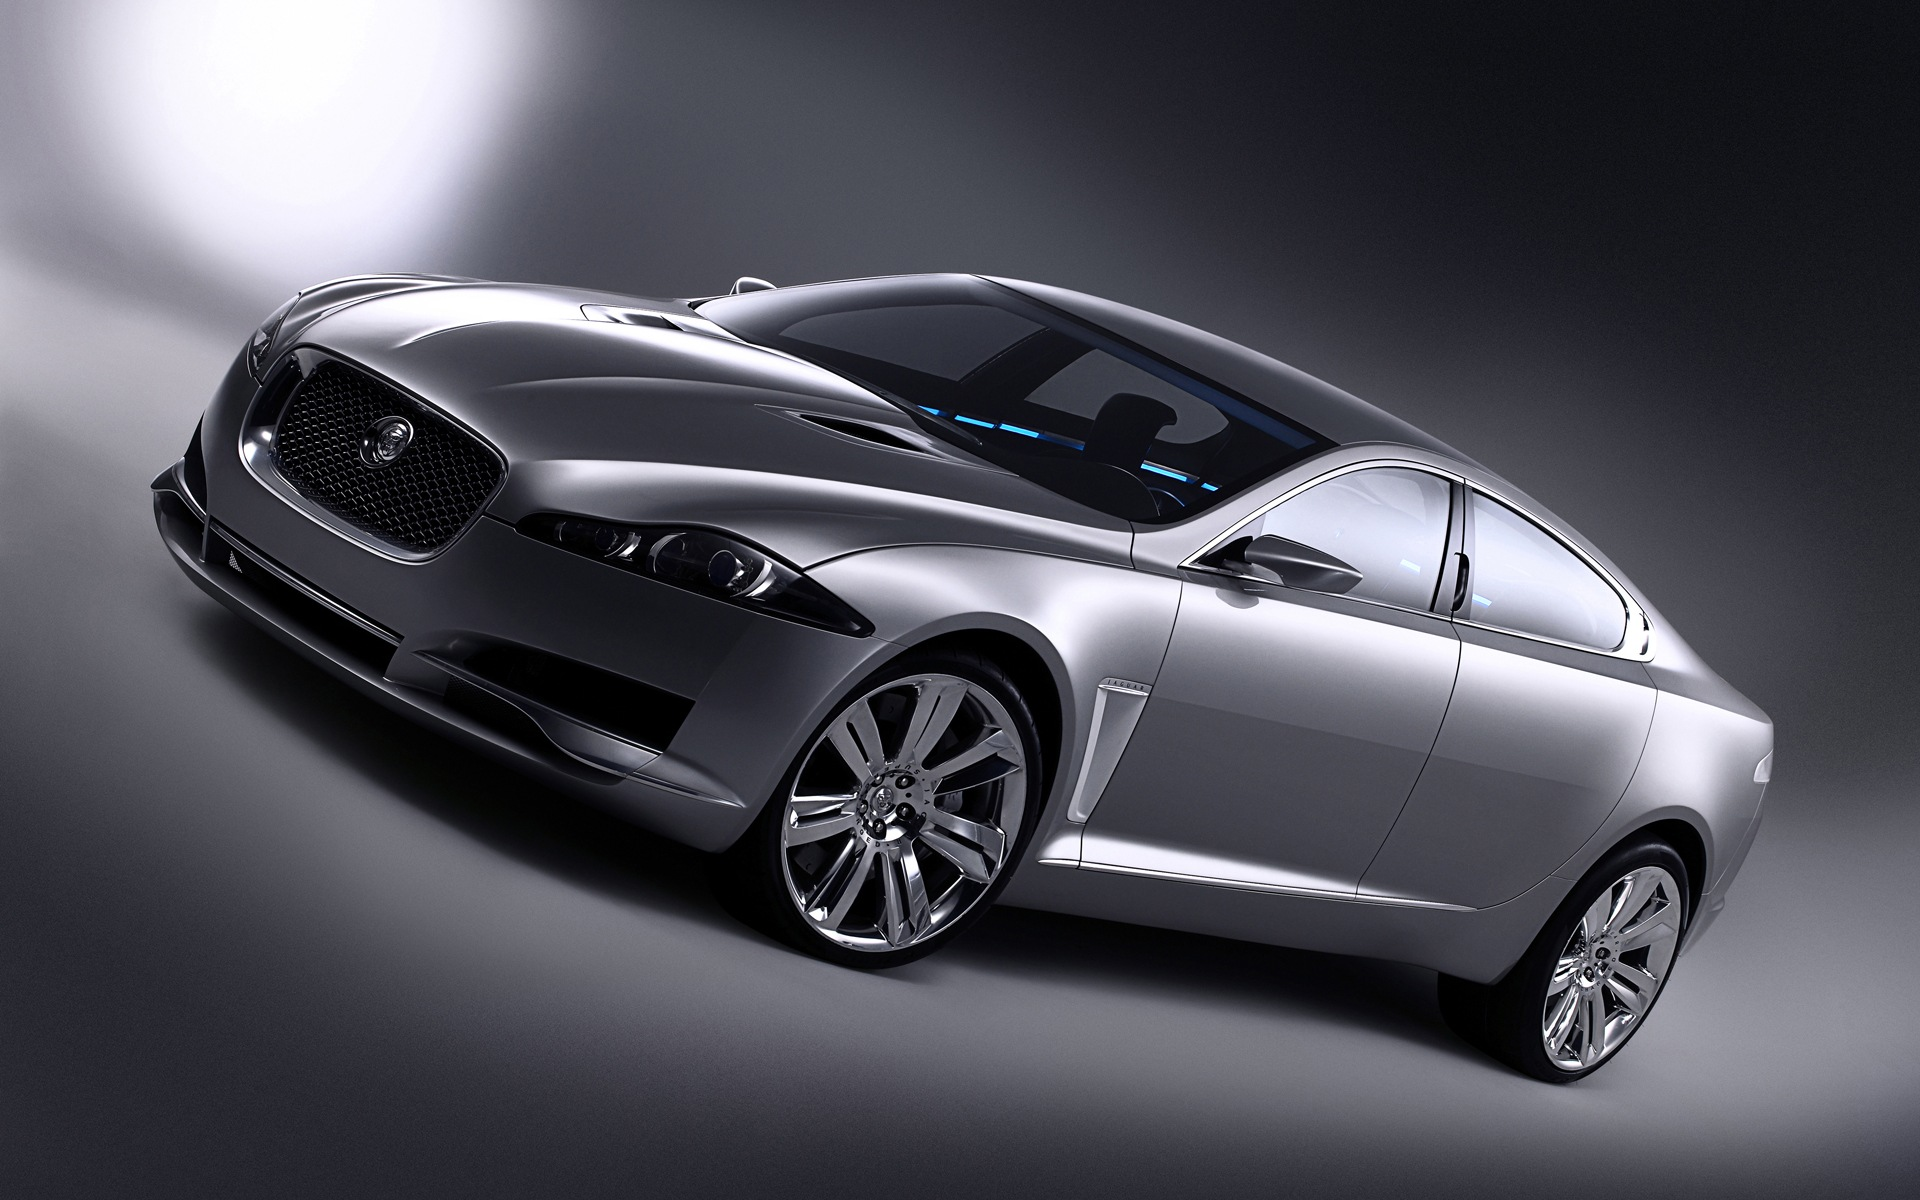 Jaguar Hd Wallpaper Car Wallpaper Desktop Hd